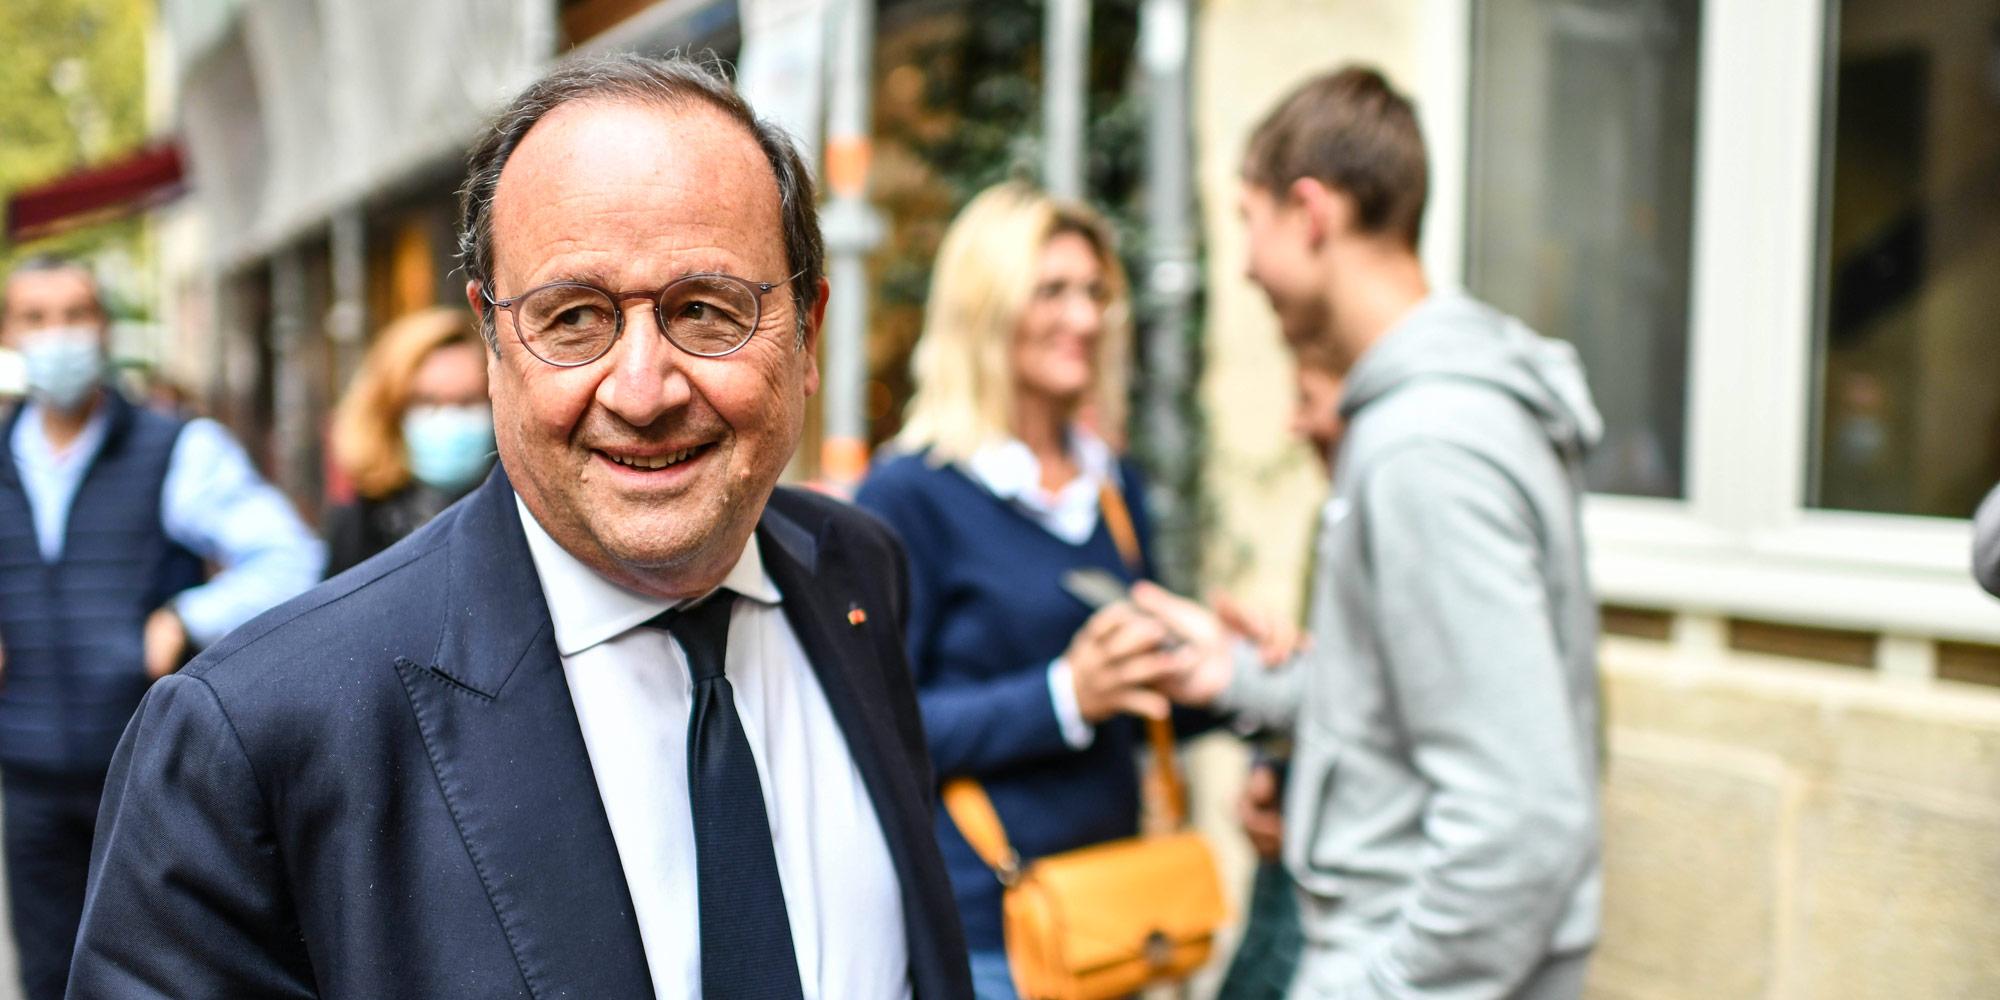 """Présidentielle 2017 : """"Ce n'est pas moi qui me suis retrouvé à 6%"""", Hollande dit vrai mais..."""